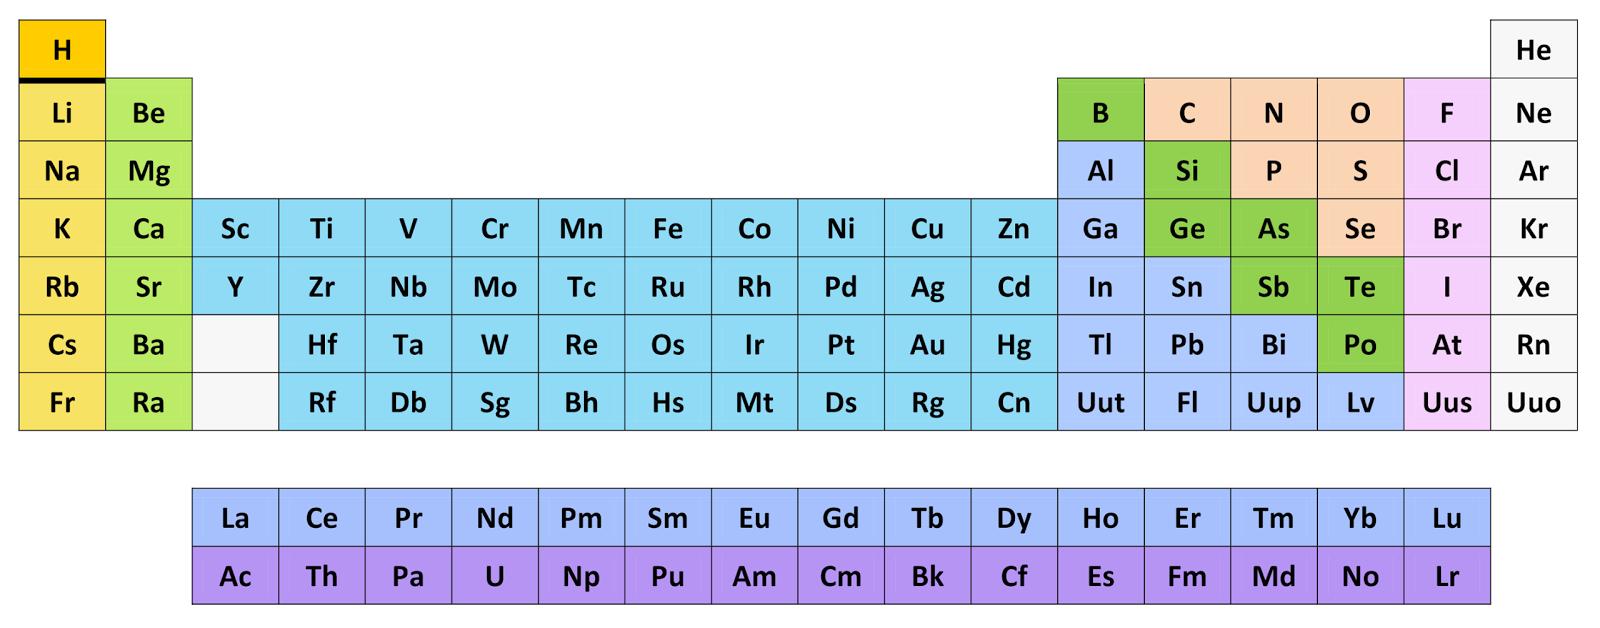 Cursos de computacin 2014 2015 tabla peridica de los elementos aplicar a las filas 1 cm de alto urtaz Image collections